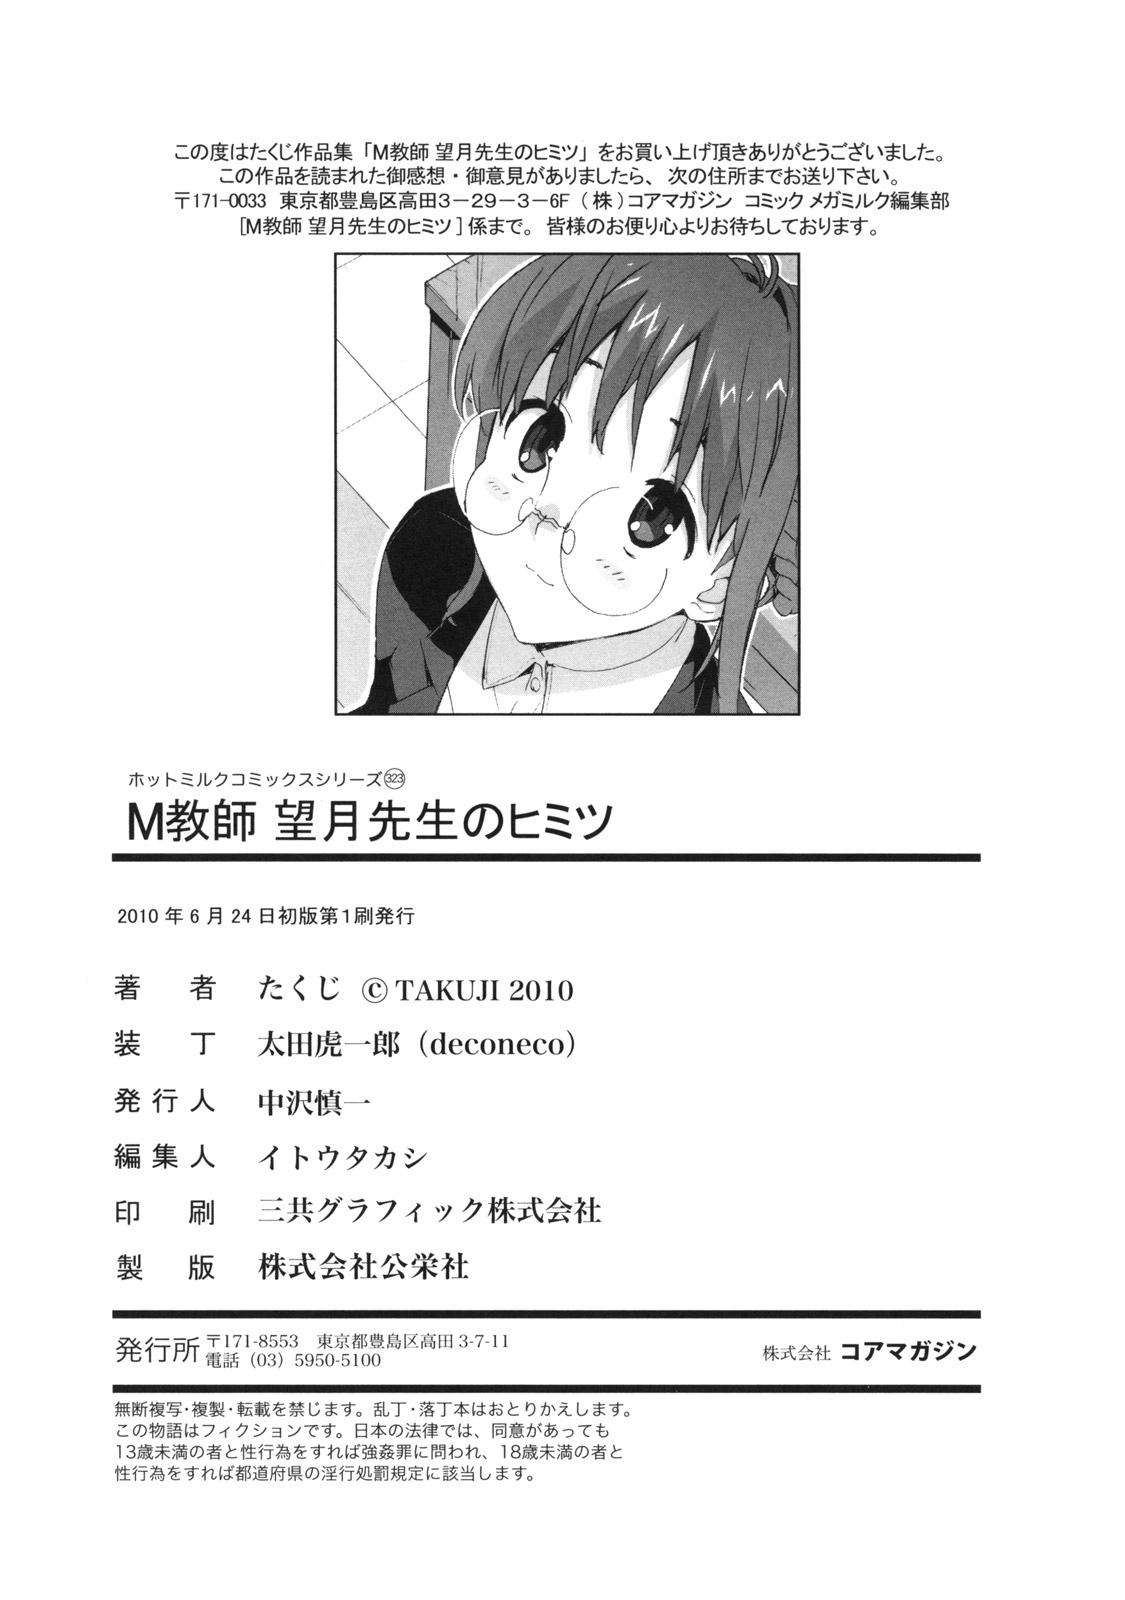 HentaiVN.net - Ảnh 23 - M Kyoushi Mochizuki Sensei no Himitsu - Teacher Mochizuki-Senseis Secret - Chap 11 - End